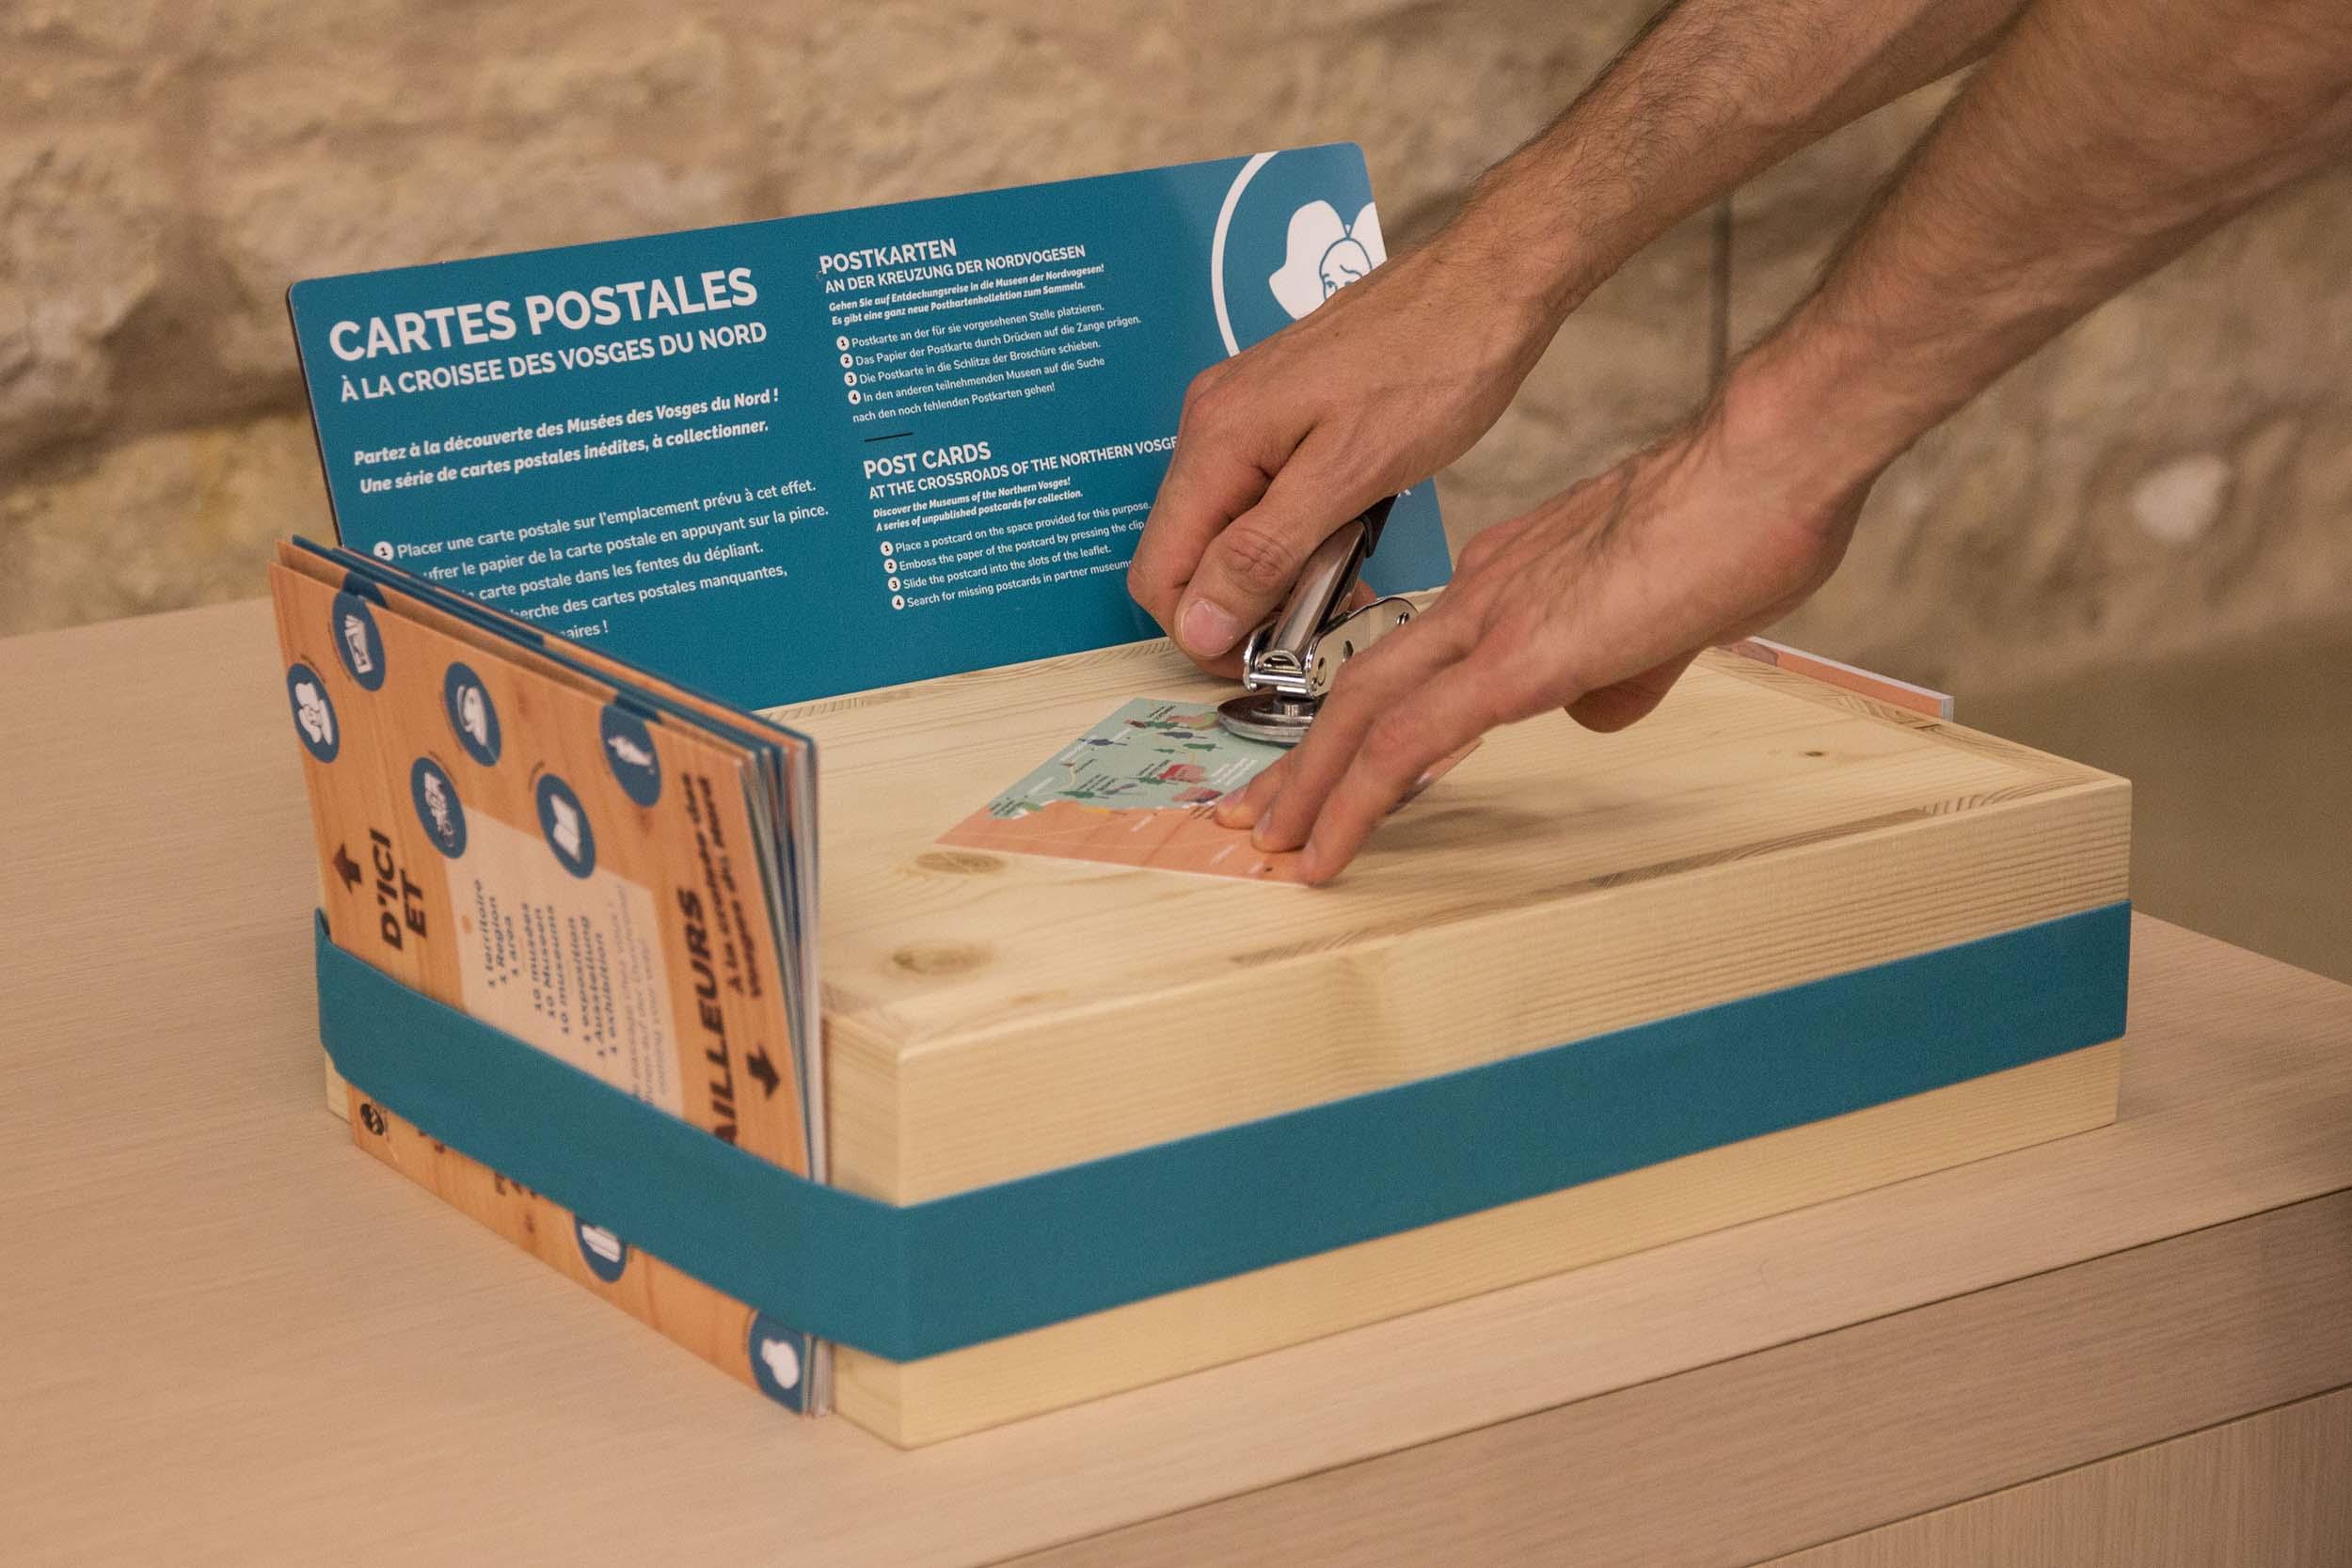 Manip muséographique avec un jeu de cartes postales à gaufrer pour les collectionner. En lien avec l'exposition itinérante D'ici et d'ailleurs, à la croisée des Vosges du nord